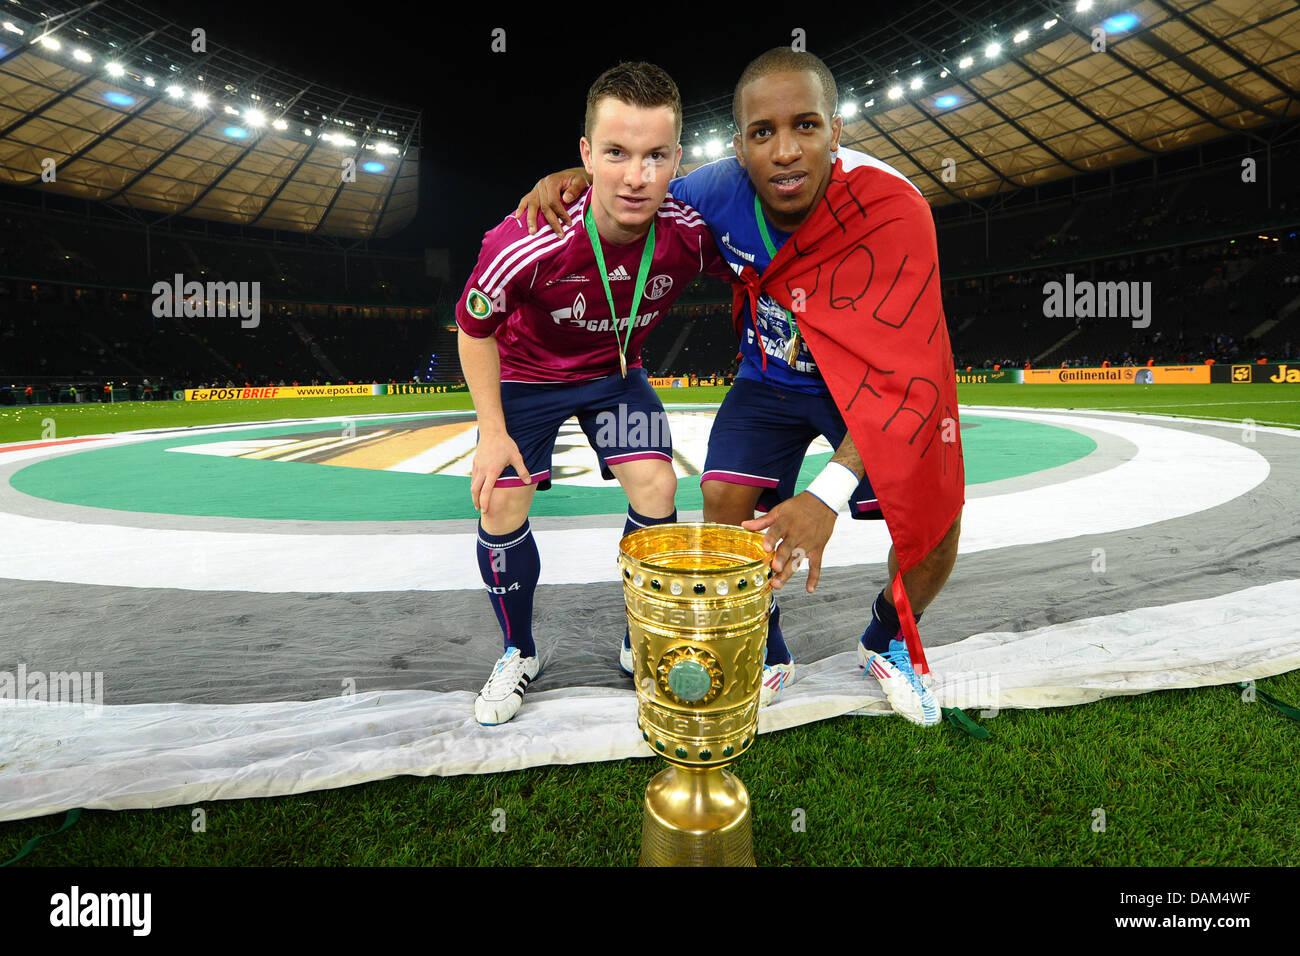 Schalke's Jefferson Farfan (R) and Alexander Baumjohann lean over the DFB cup after Schalke's 5:0 win in - Stock Image